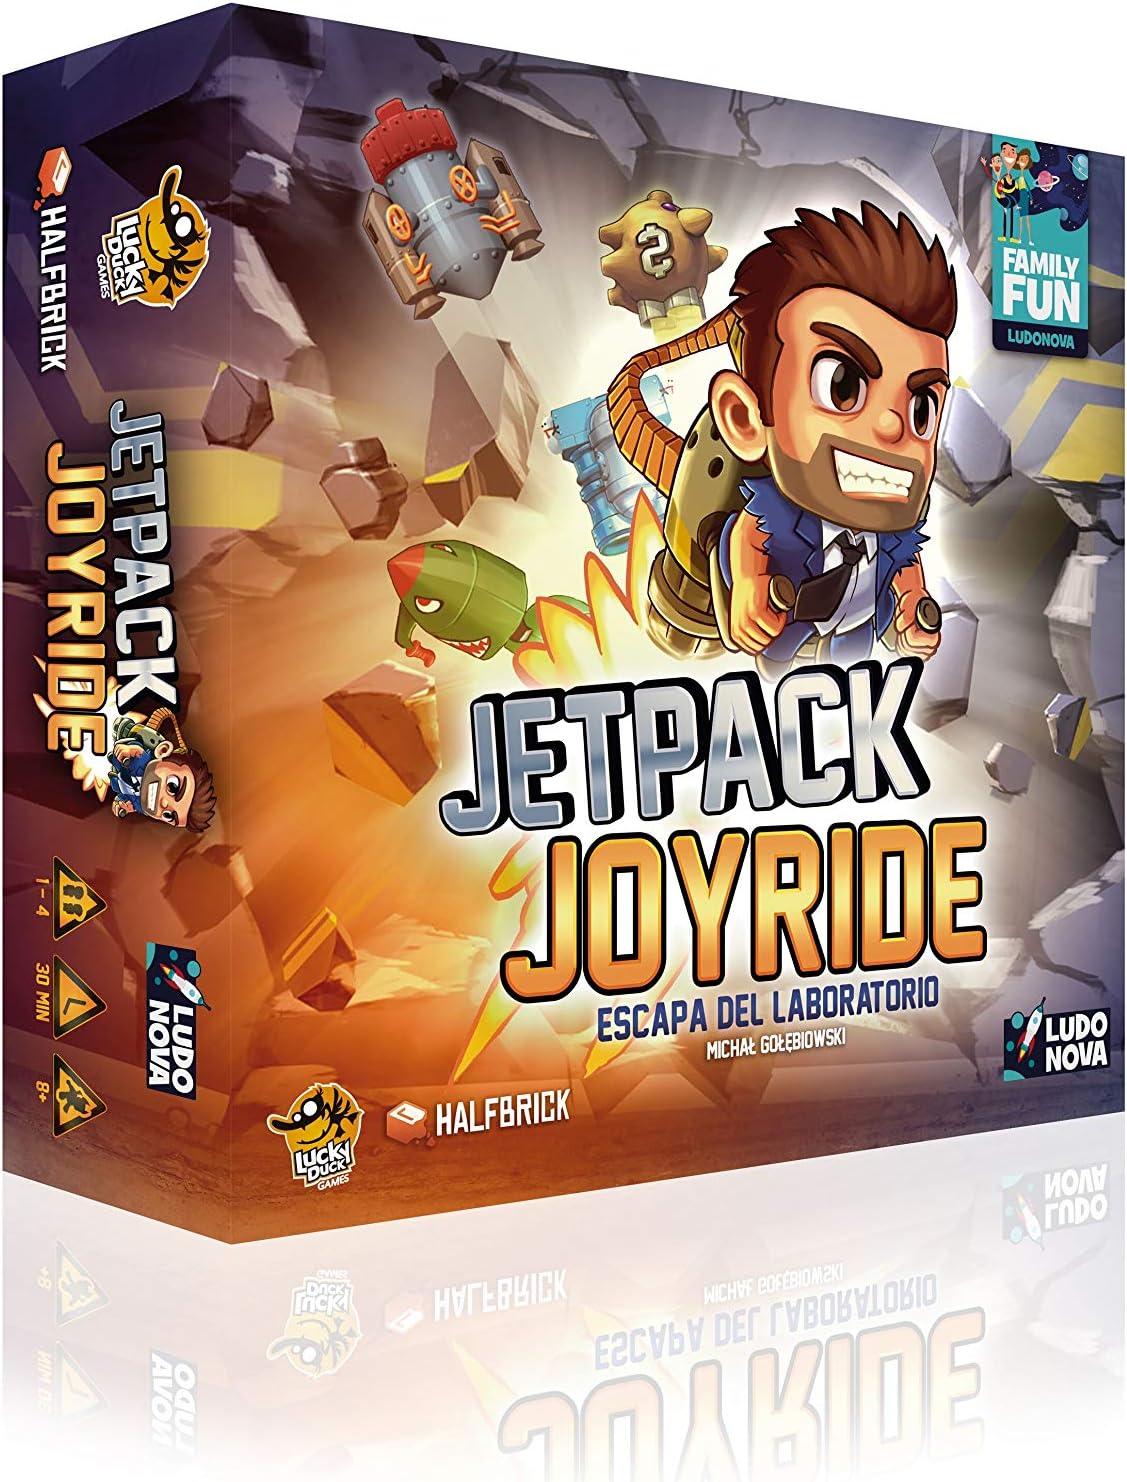 #Juegodemesa Jetpack Joyride por 12,99€ + gastos de envío